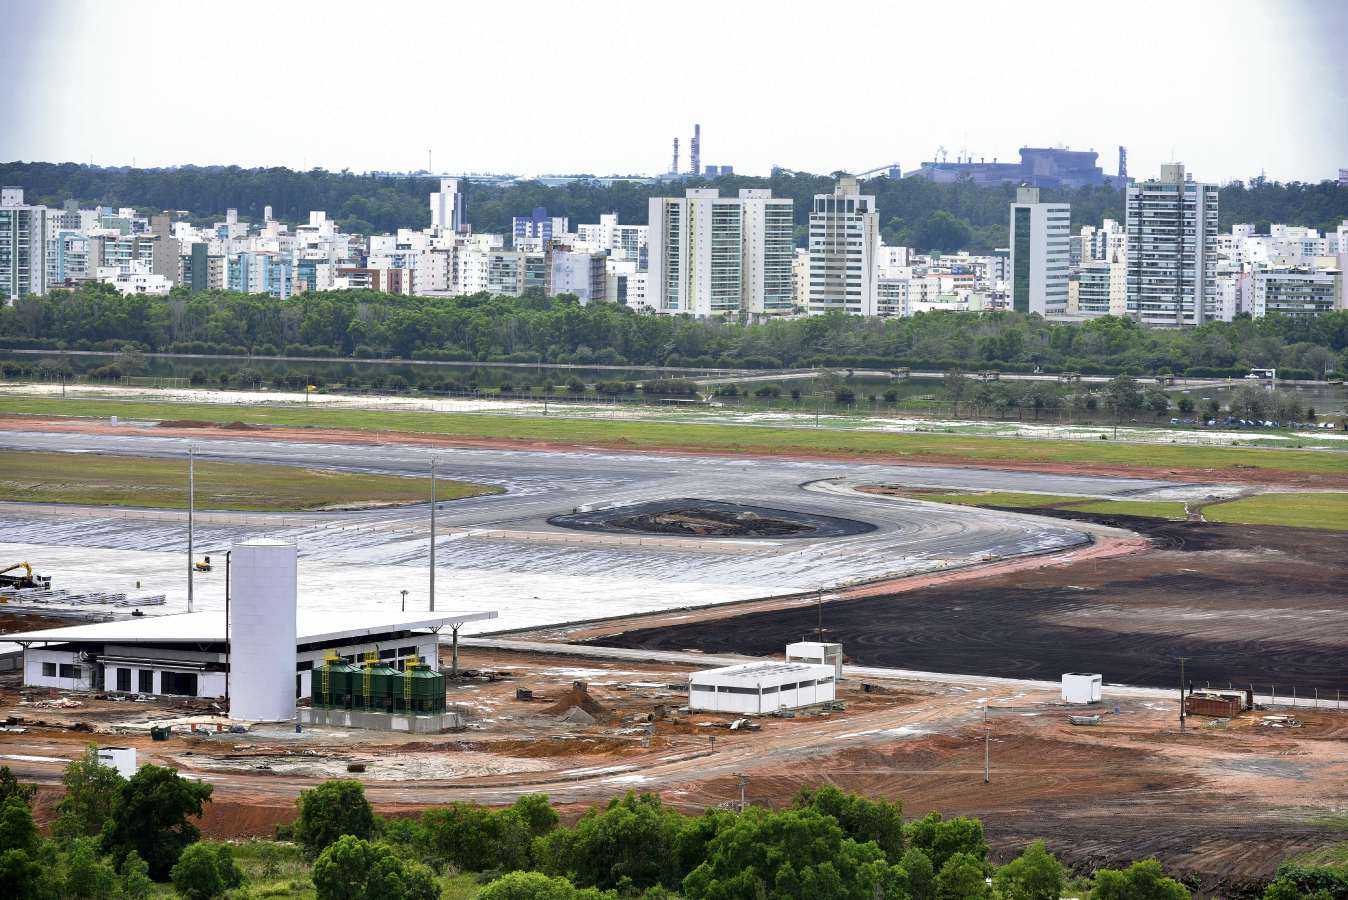 Aeroporto De Vitoria : Avianca planeja operar no aeroporto de vitória economia